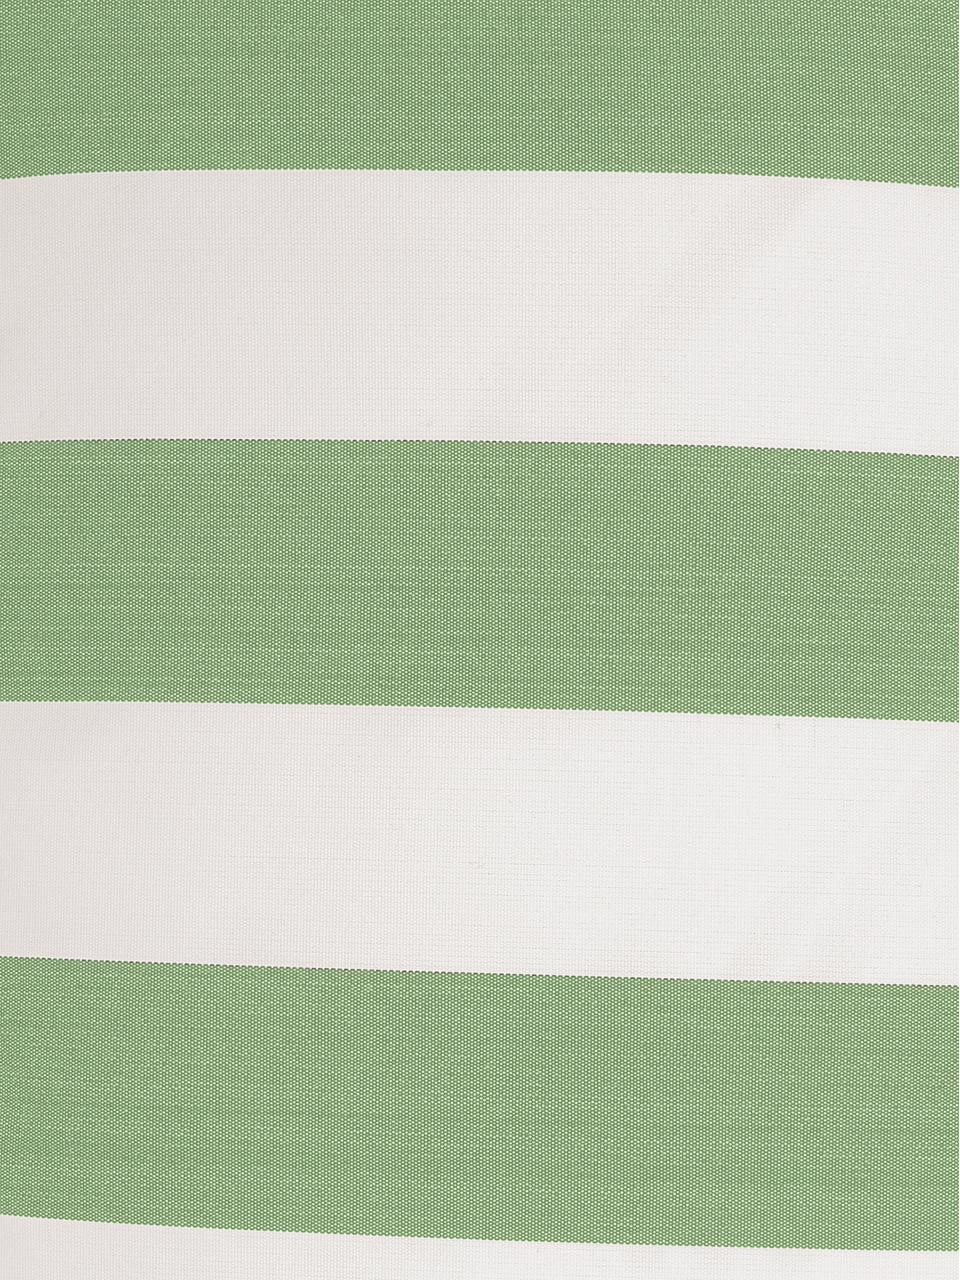 Gestreifte Outdoor-Kissenhülle Santorin in Grün/Weiß, 100% Polypropylen, Teflon® beschichtet, Grün, Weiß, 40 x 60 cm